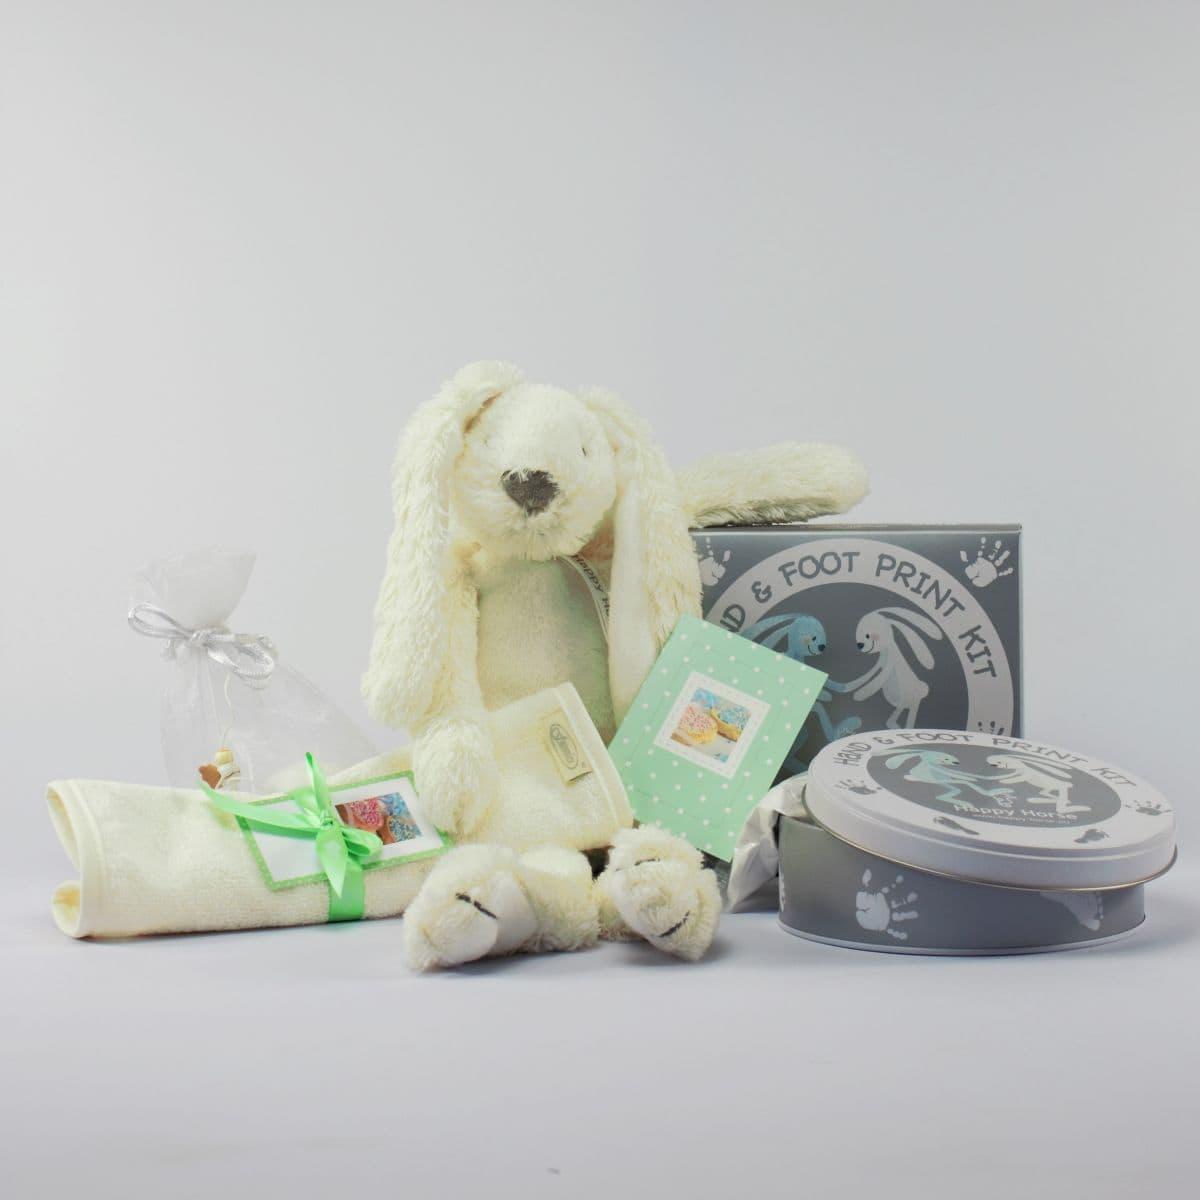 Heeft U Binnenkort Een Babyshower Baby Kado Service